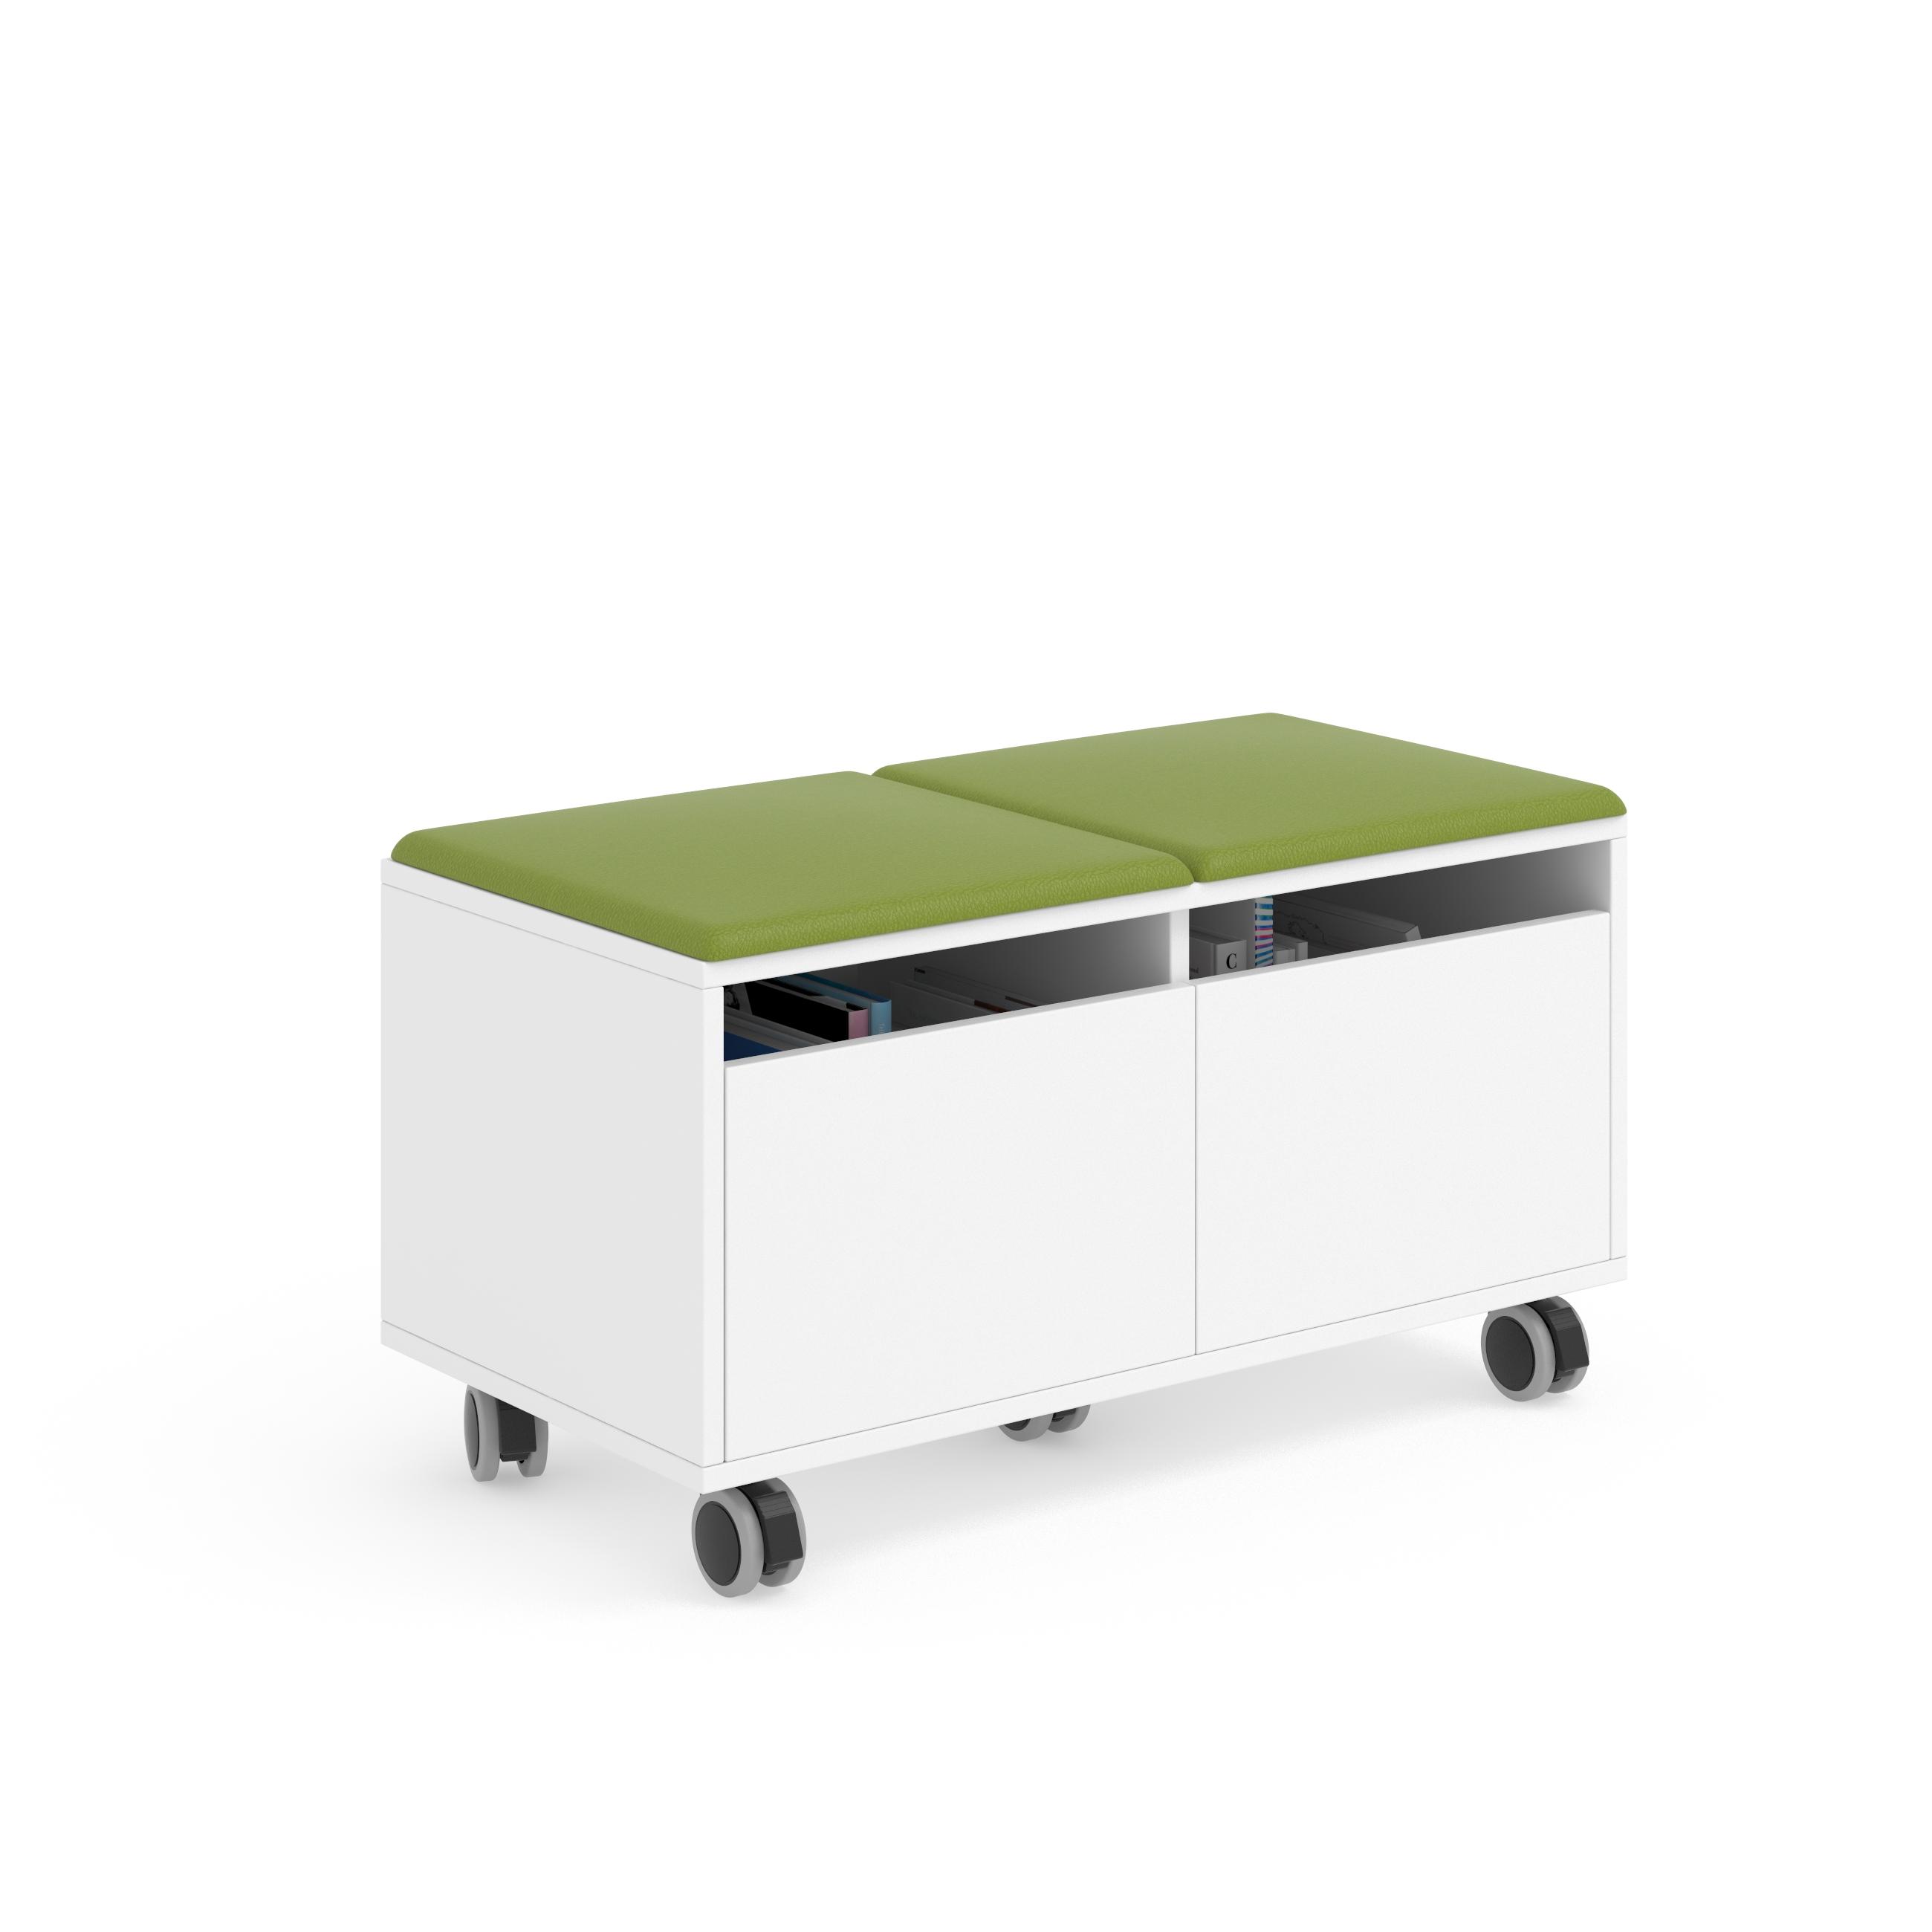 Grada modular con ruedas y estantería